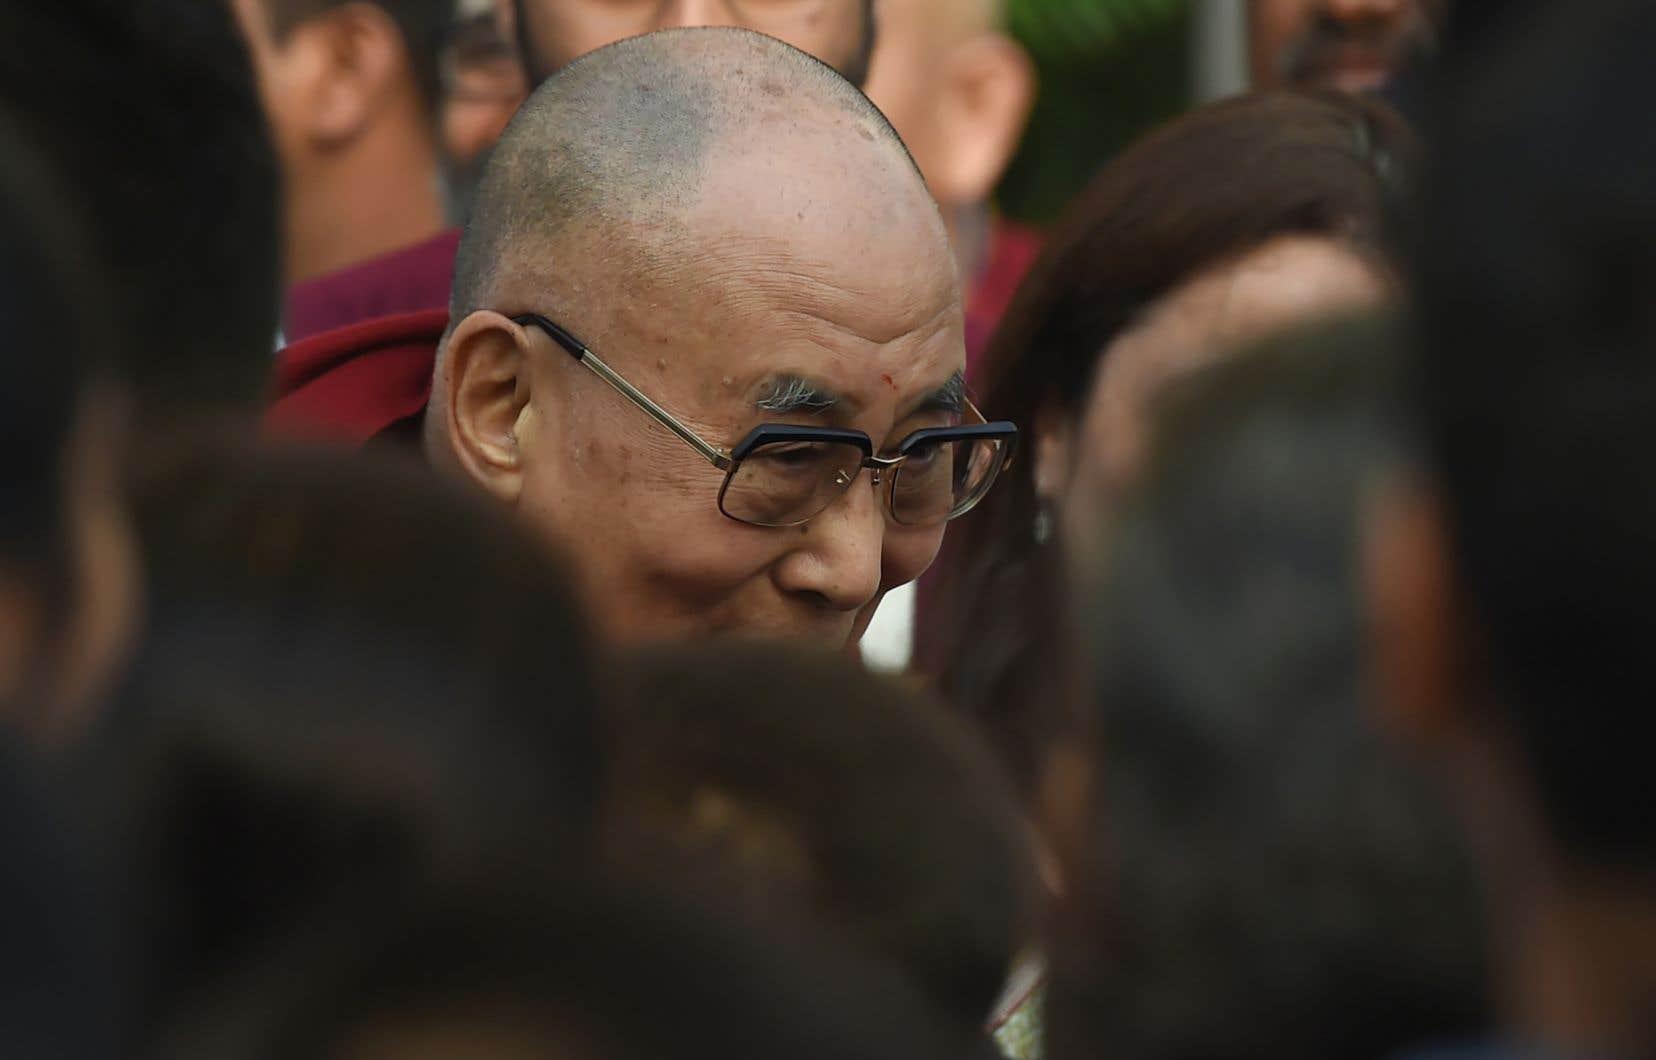 Le Dalaï Lama effectuait une visite de quatre jours aux Pays-Bas.